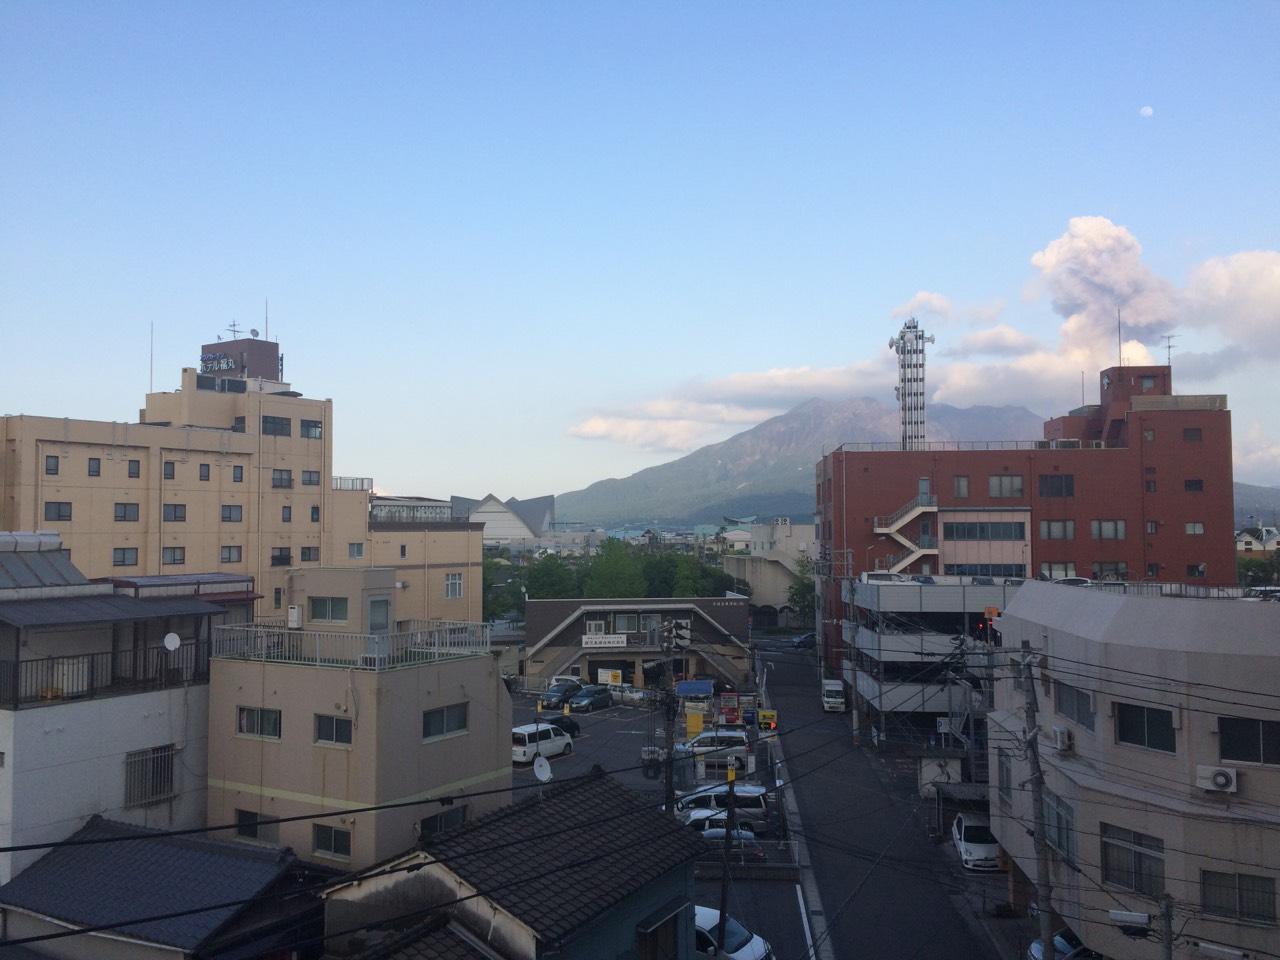 20150501夕暮れの桜島